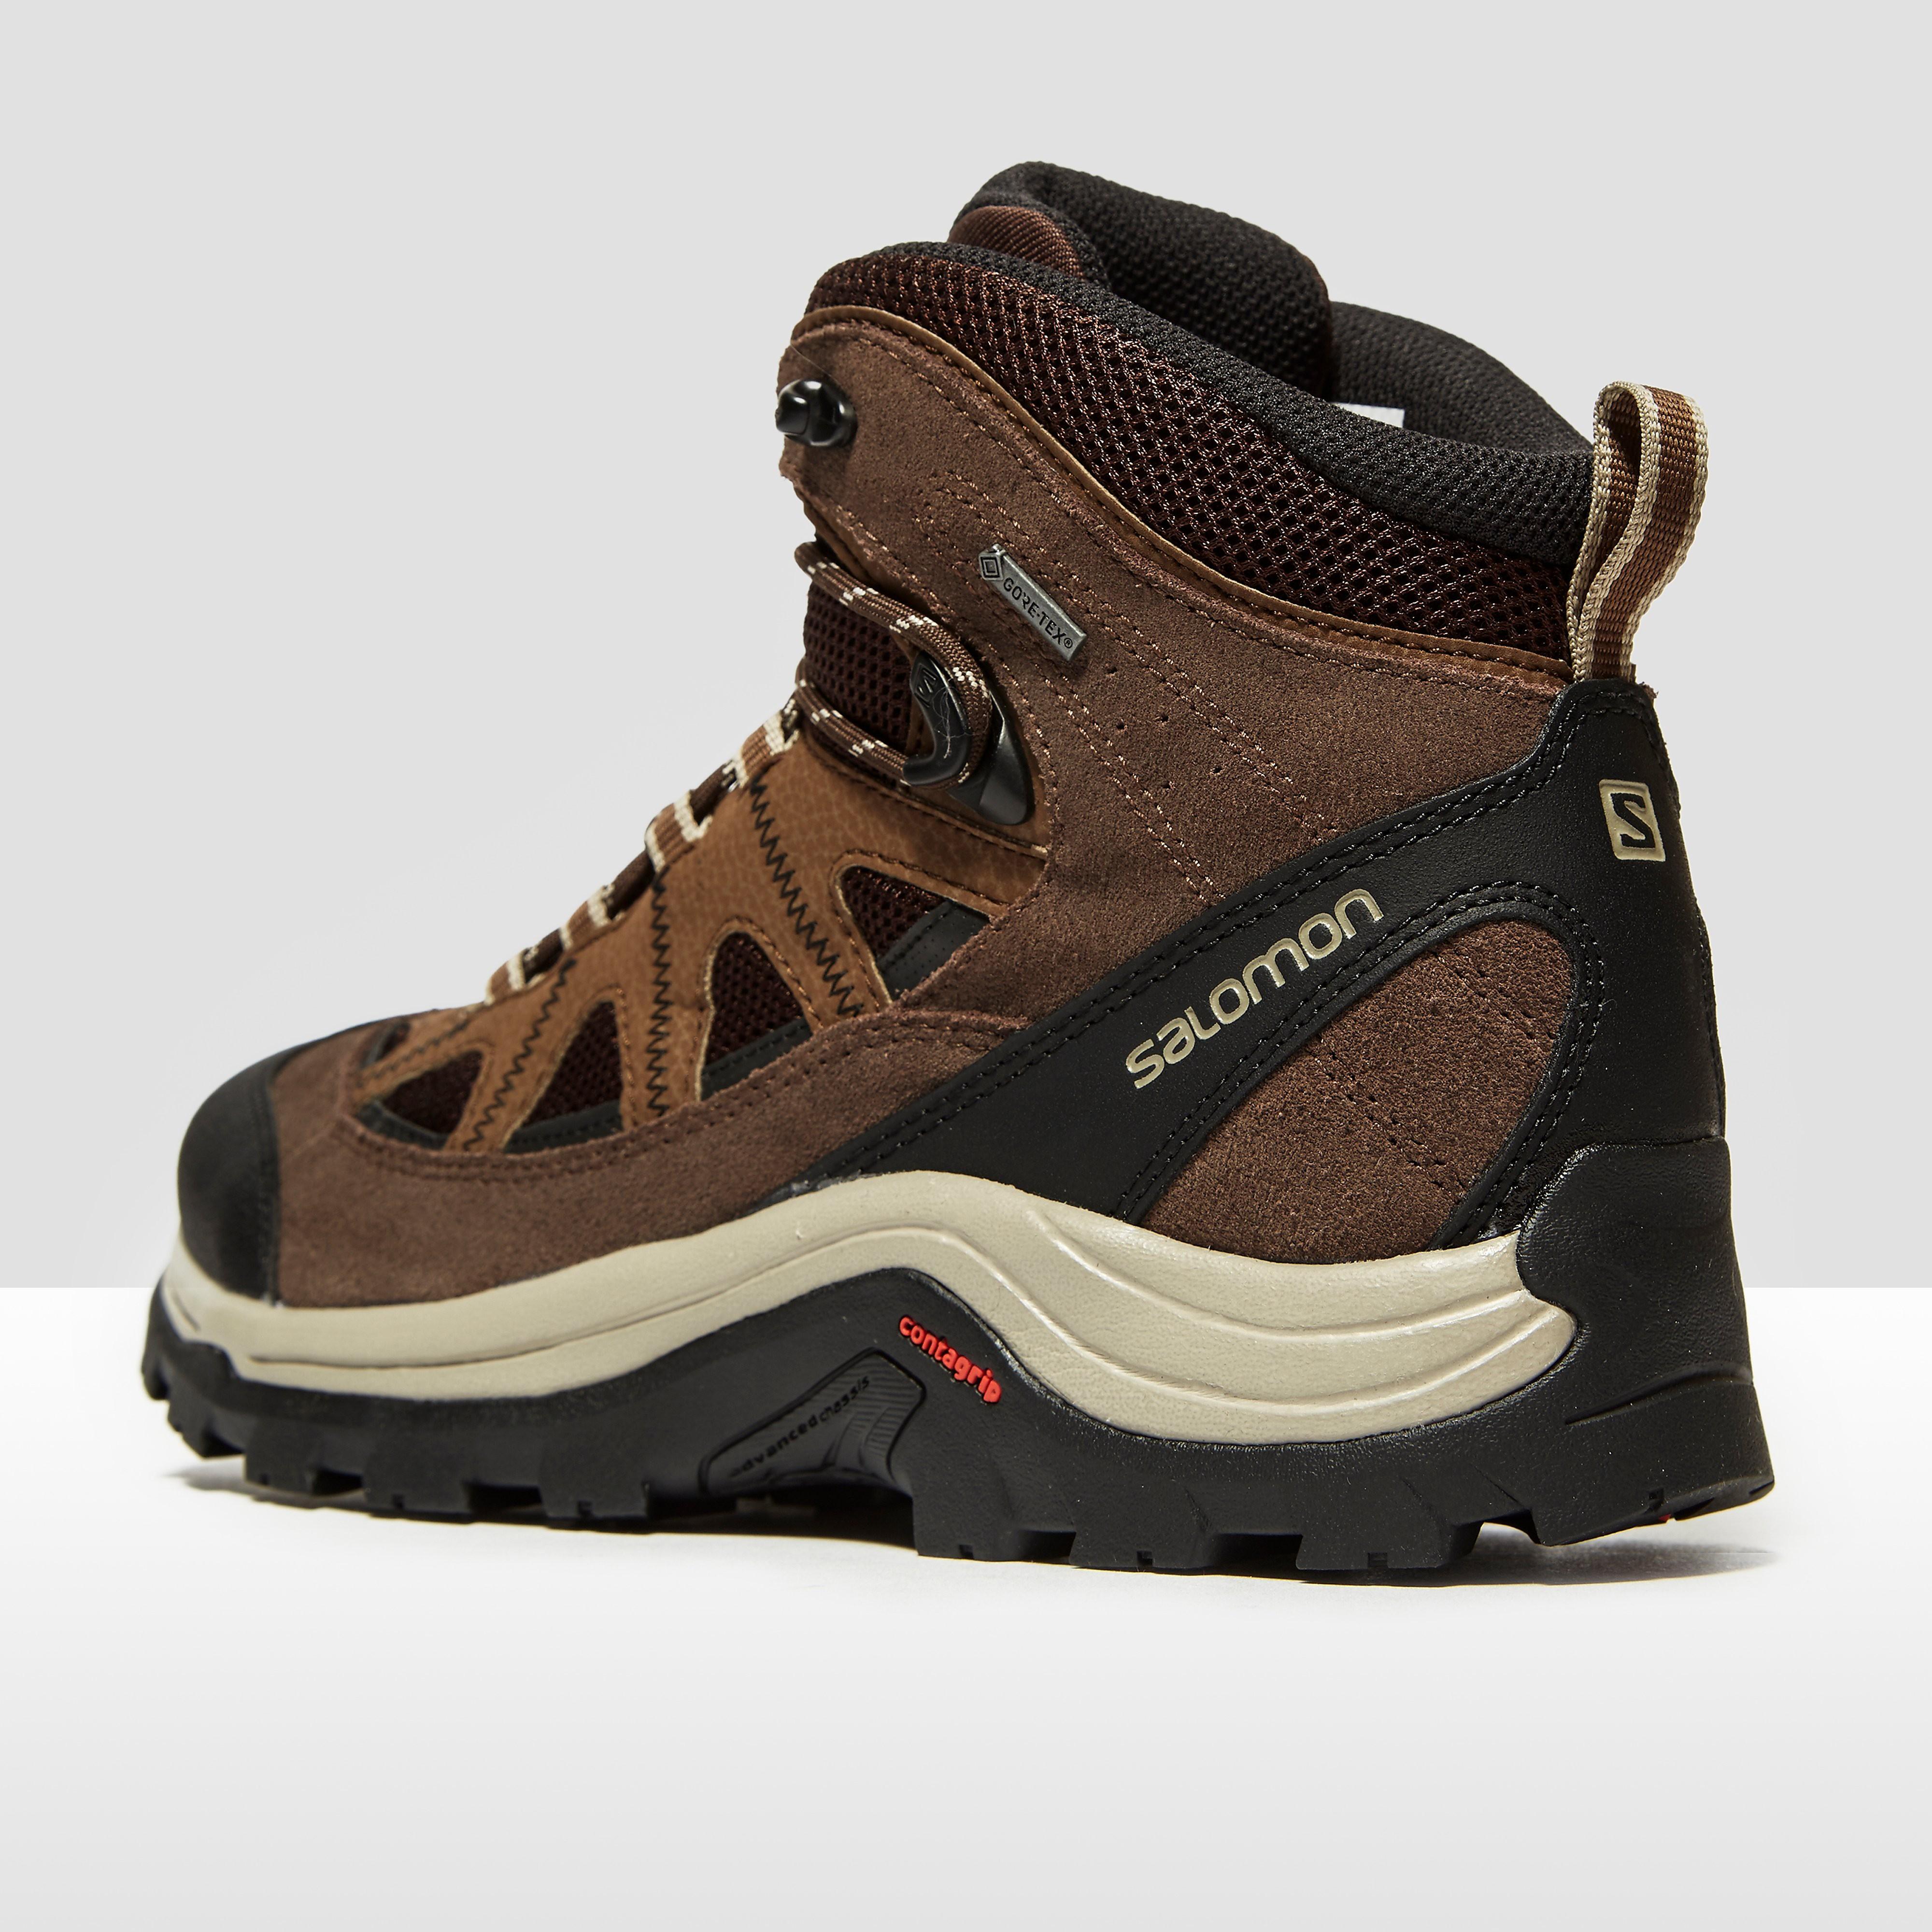 Salomon Authentic LTR GTX Men's Hiking Shoes